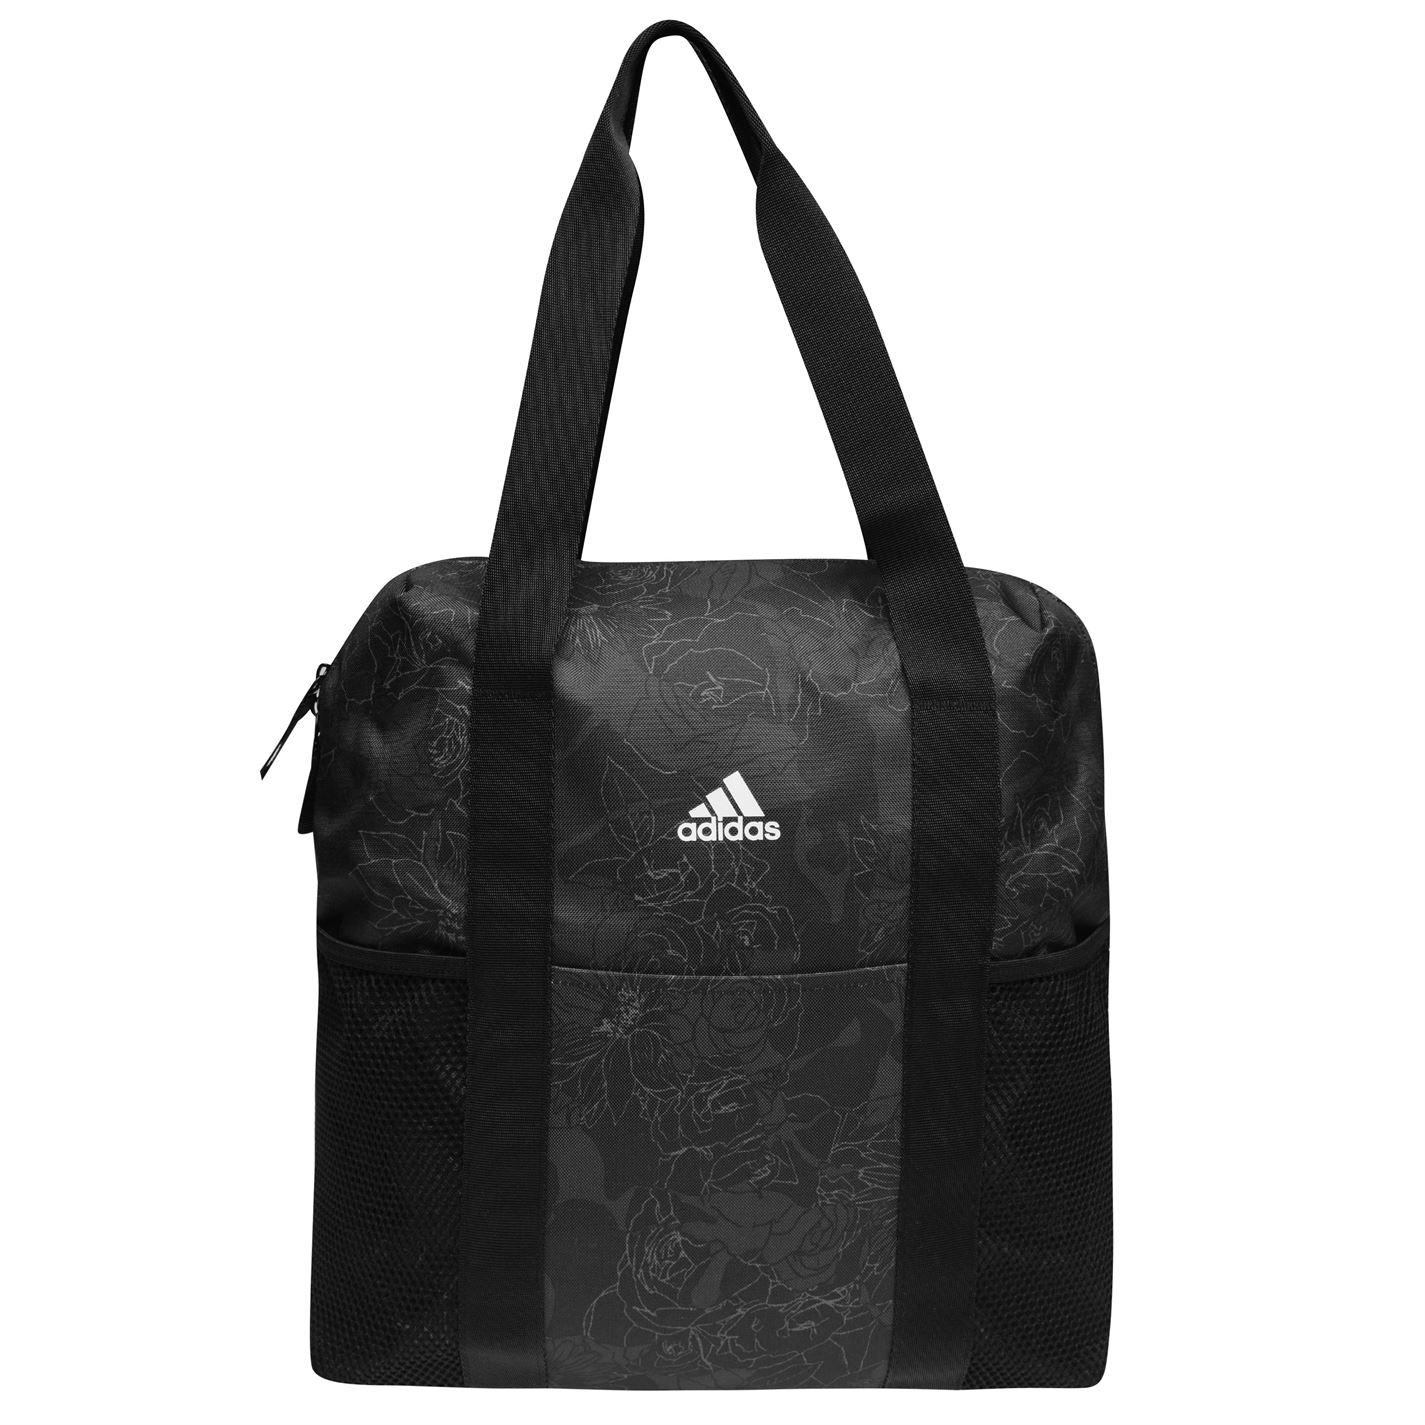 Adidas Fav Tote dámska taška